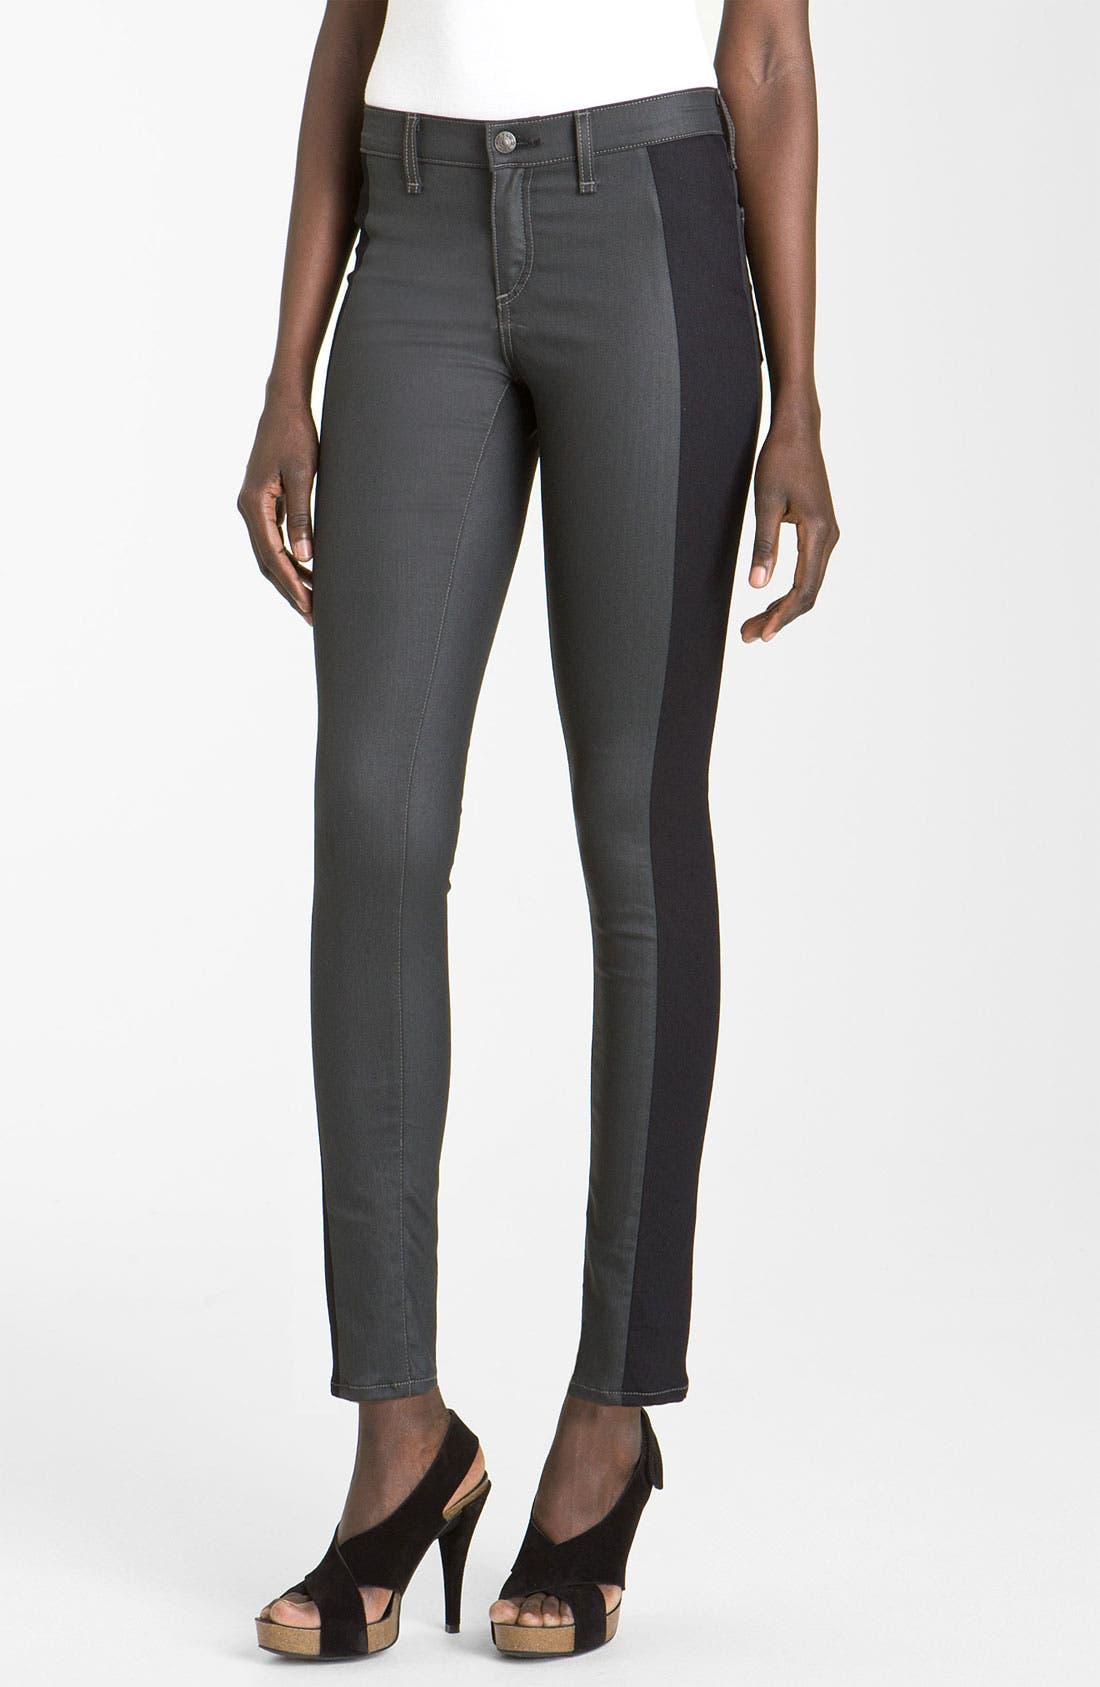 Main Image - rag & bone/JEAN Slim Tuxedo Stripe Jeans